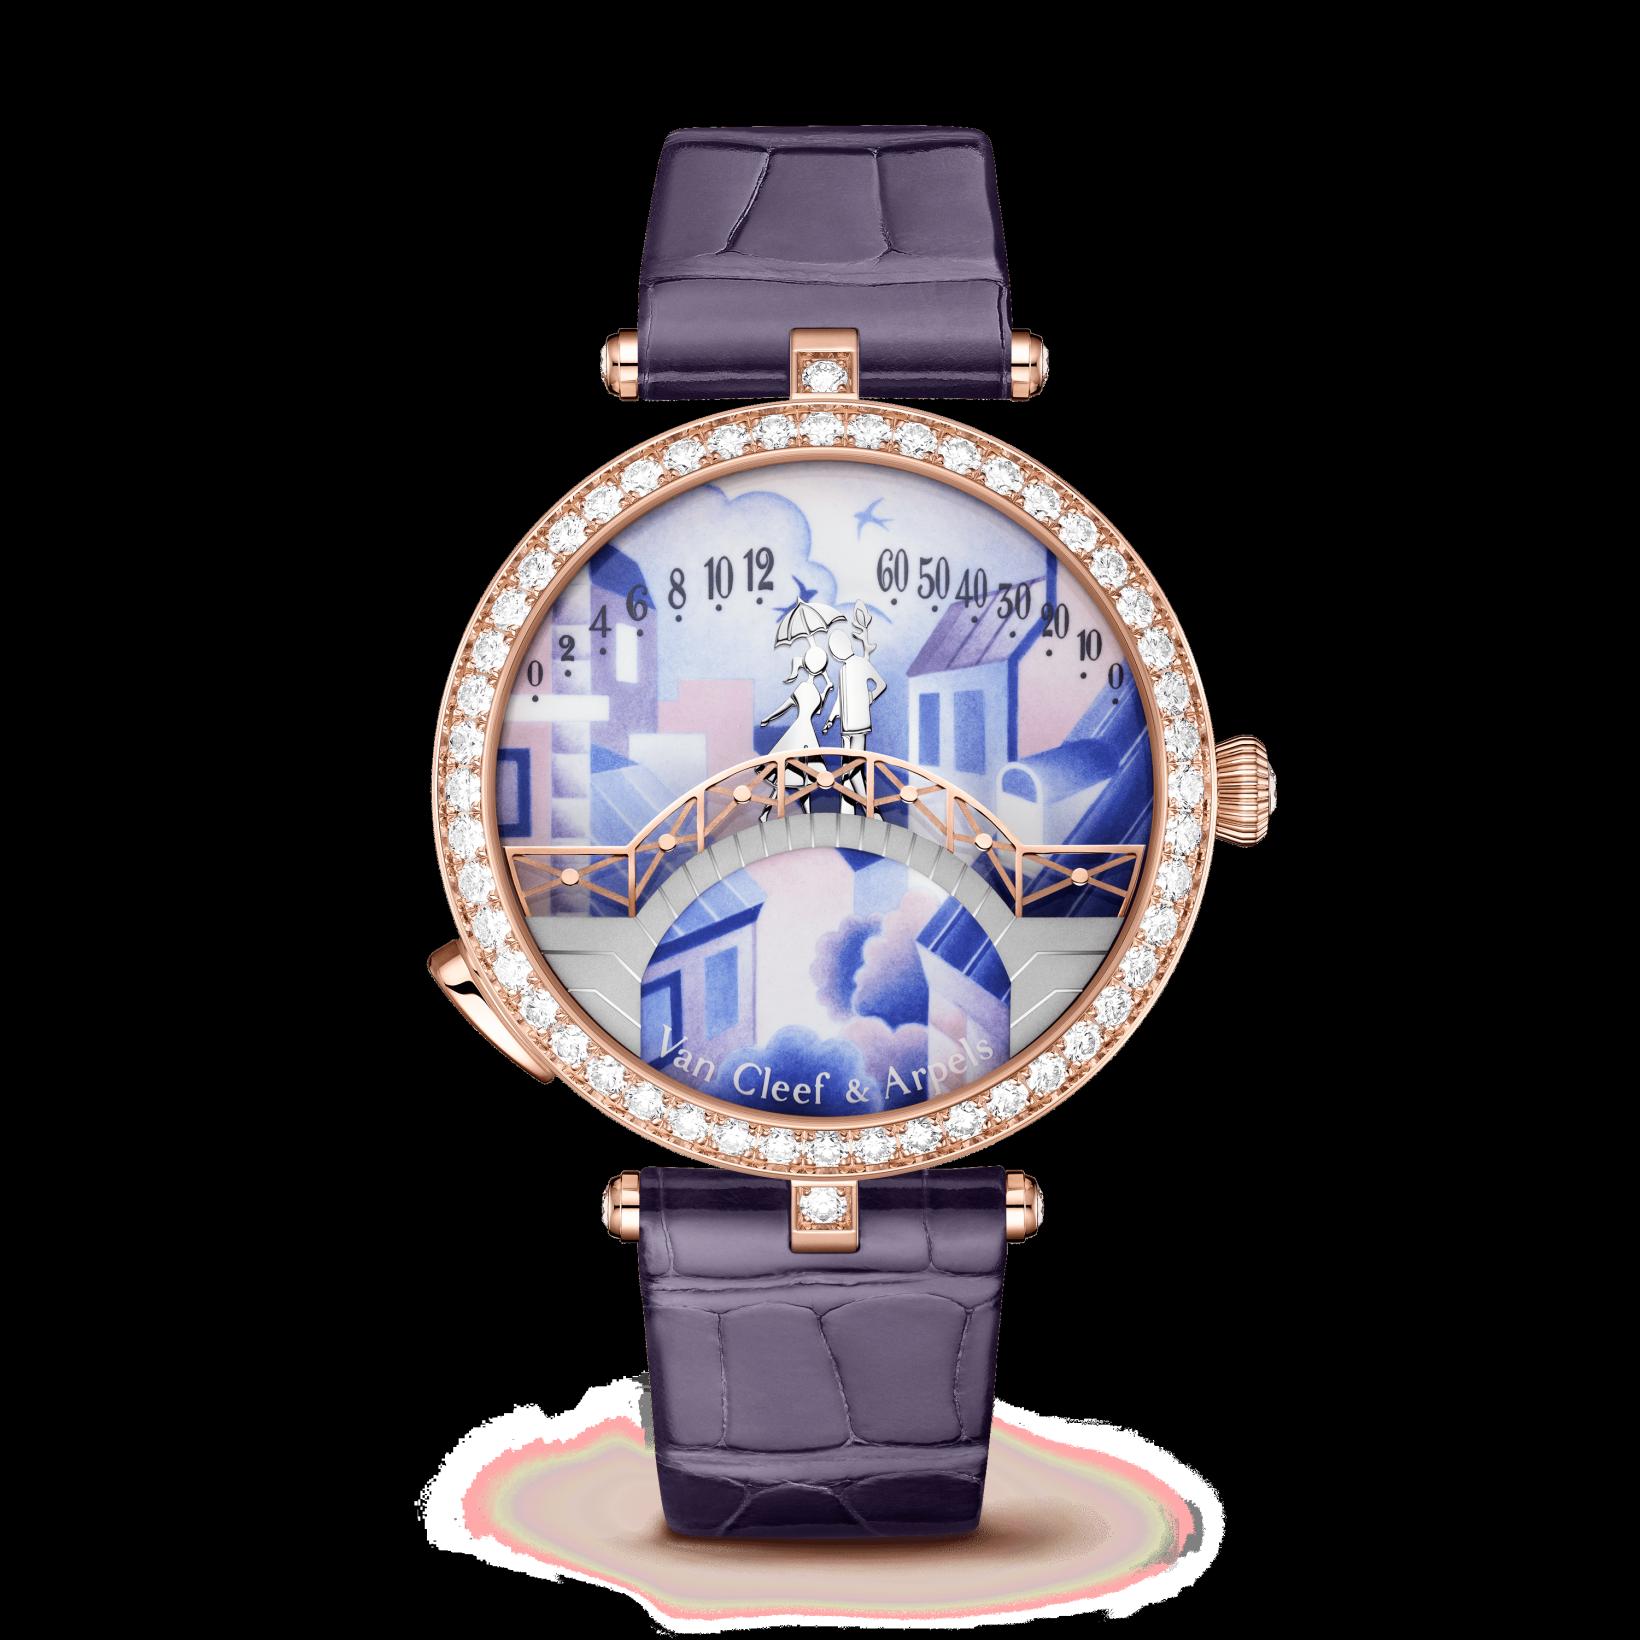 heart evangelista expensive watches